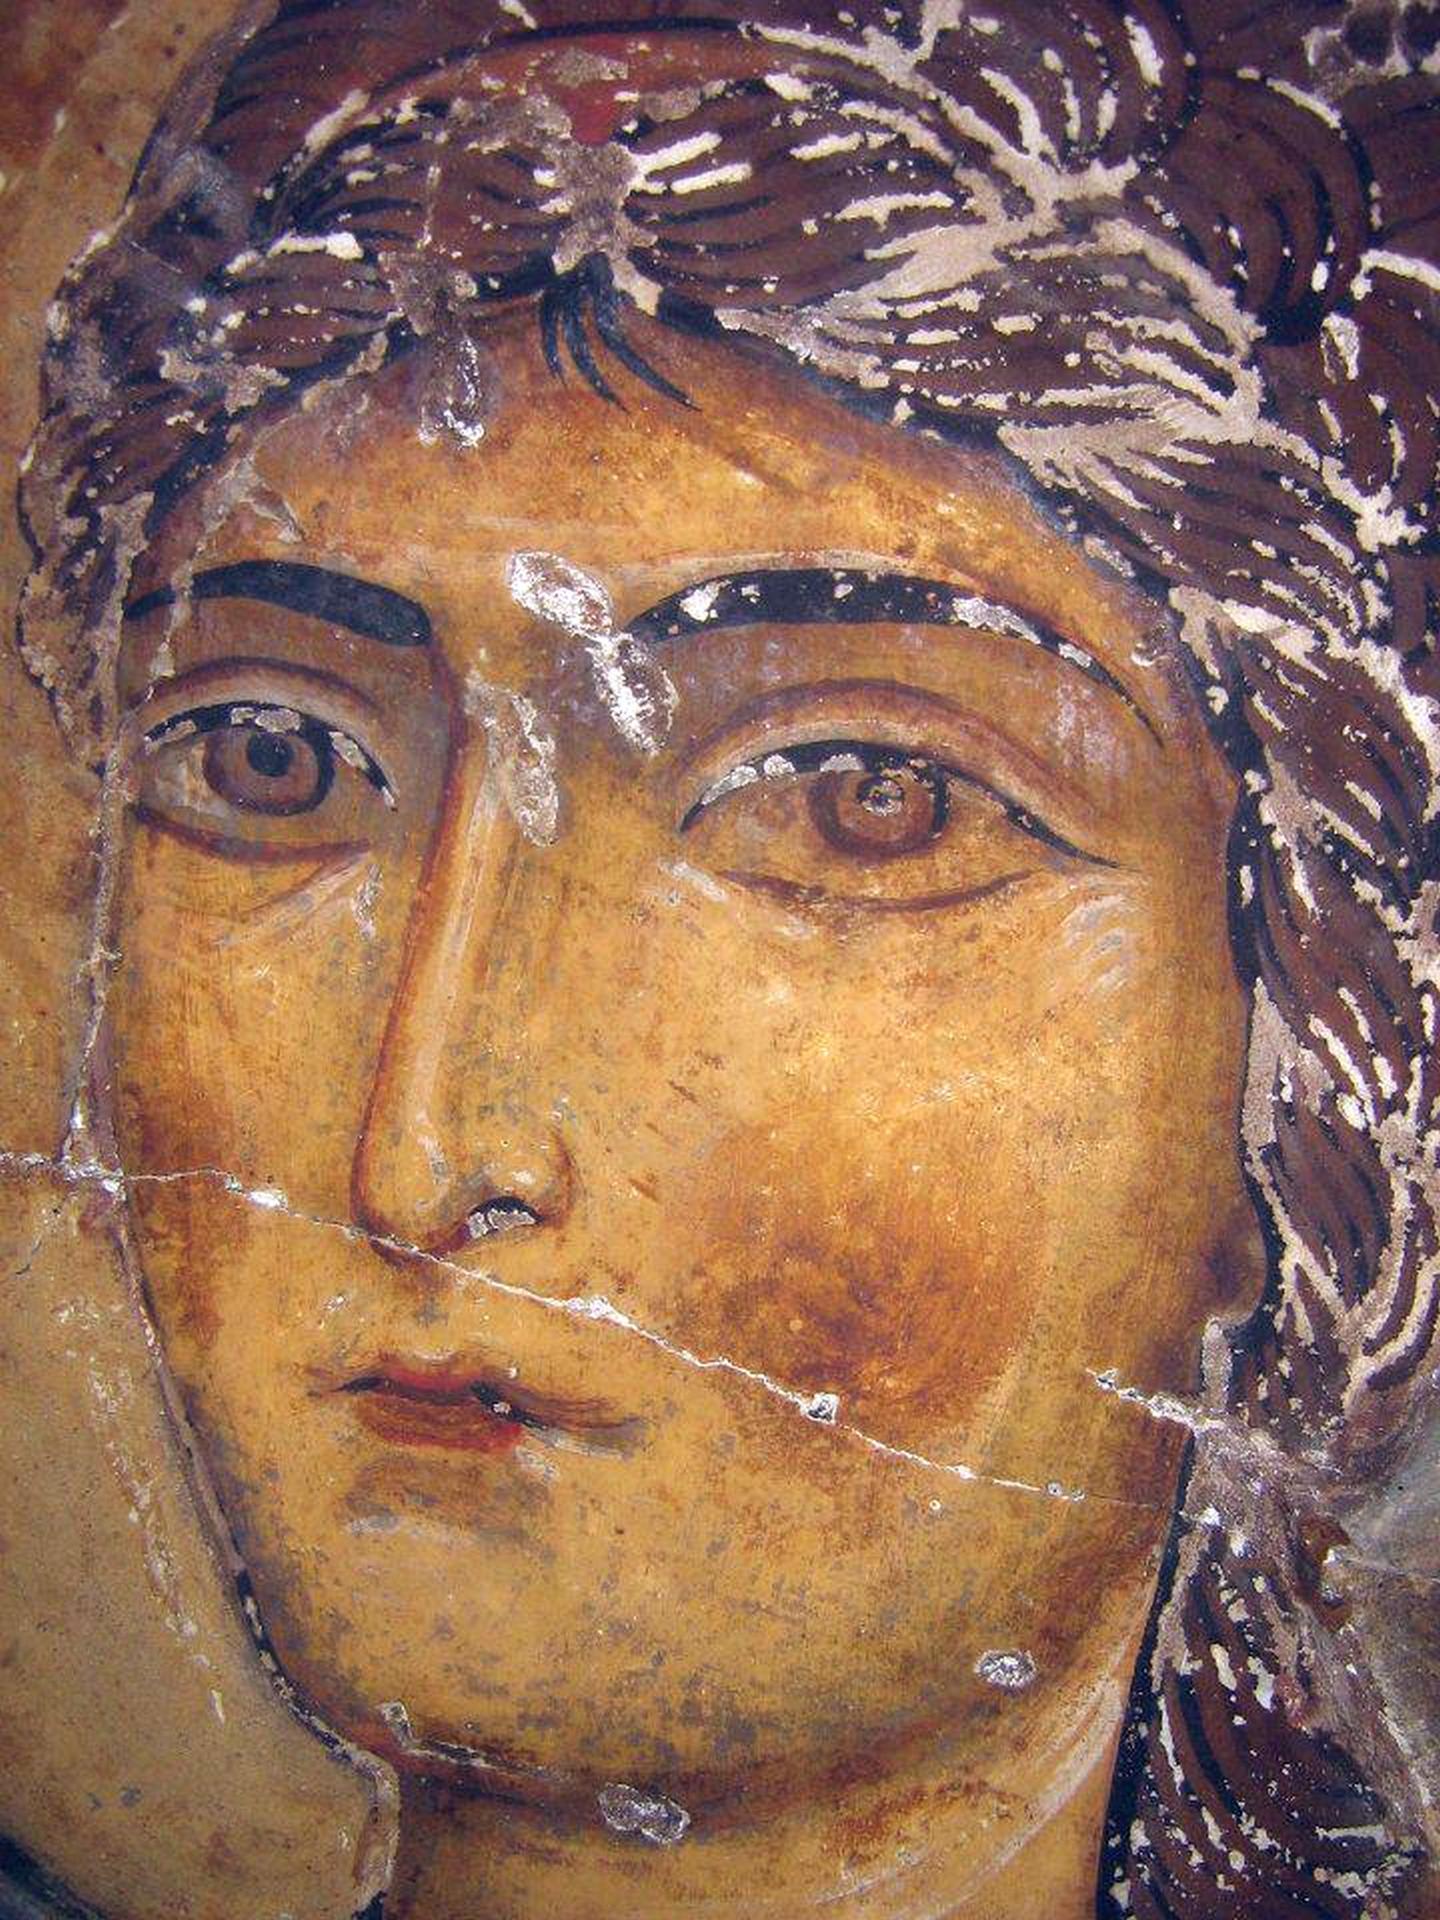 Архангел Гавриил. Фрагмент фрески XI века в храме Атени Сиони, Грузия.